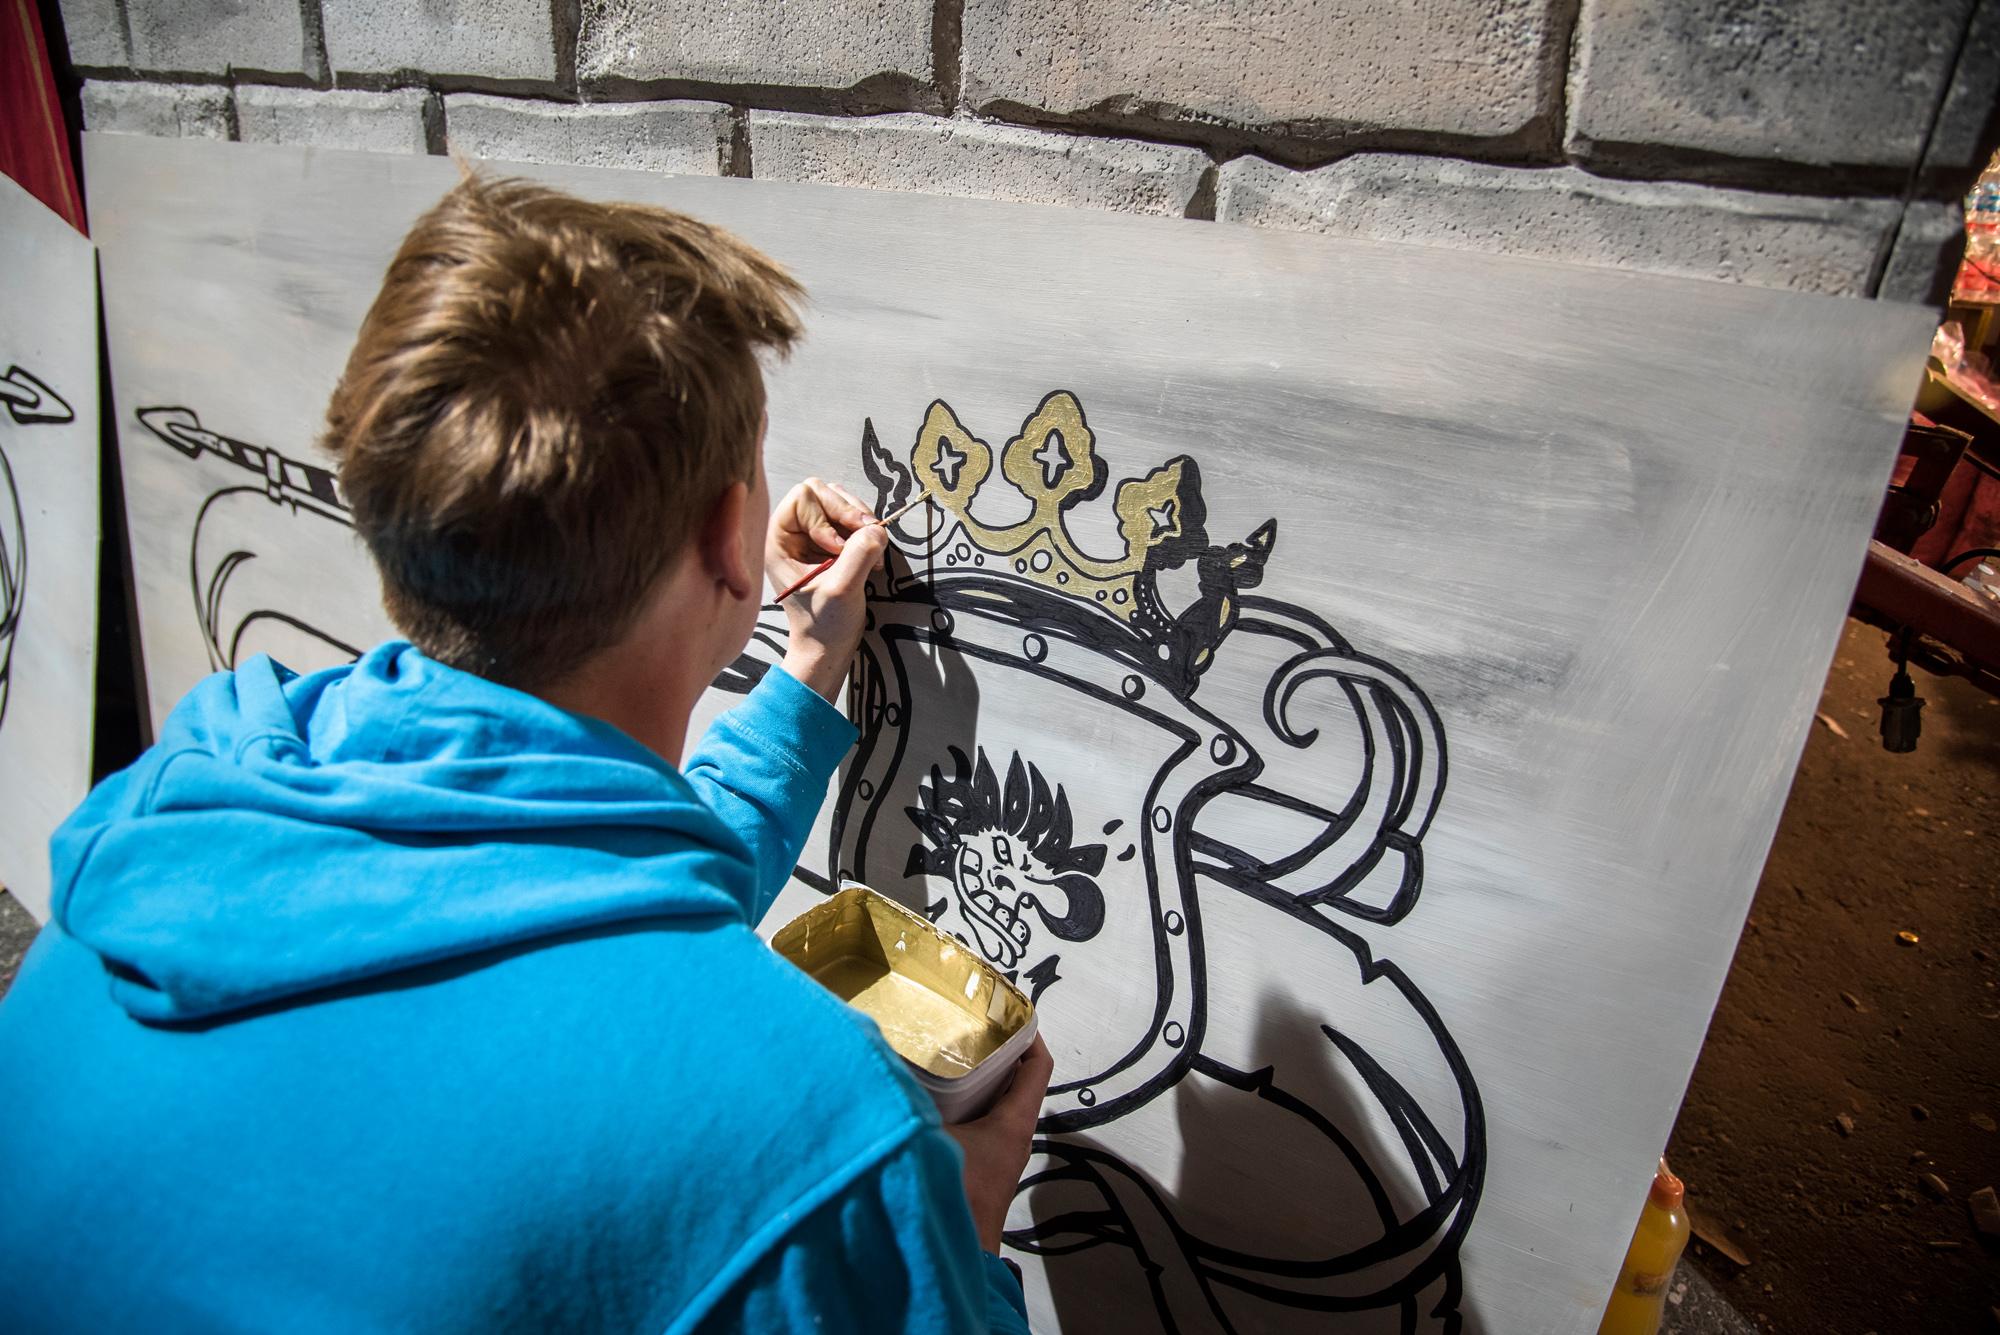 Fabian ist der Künstler der Truppe. Hier malt er an der Verkleidung des Traktors, der die Burg am Cortège ziehen wird.